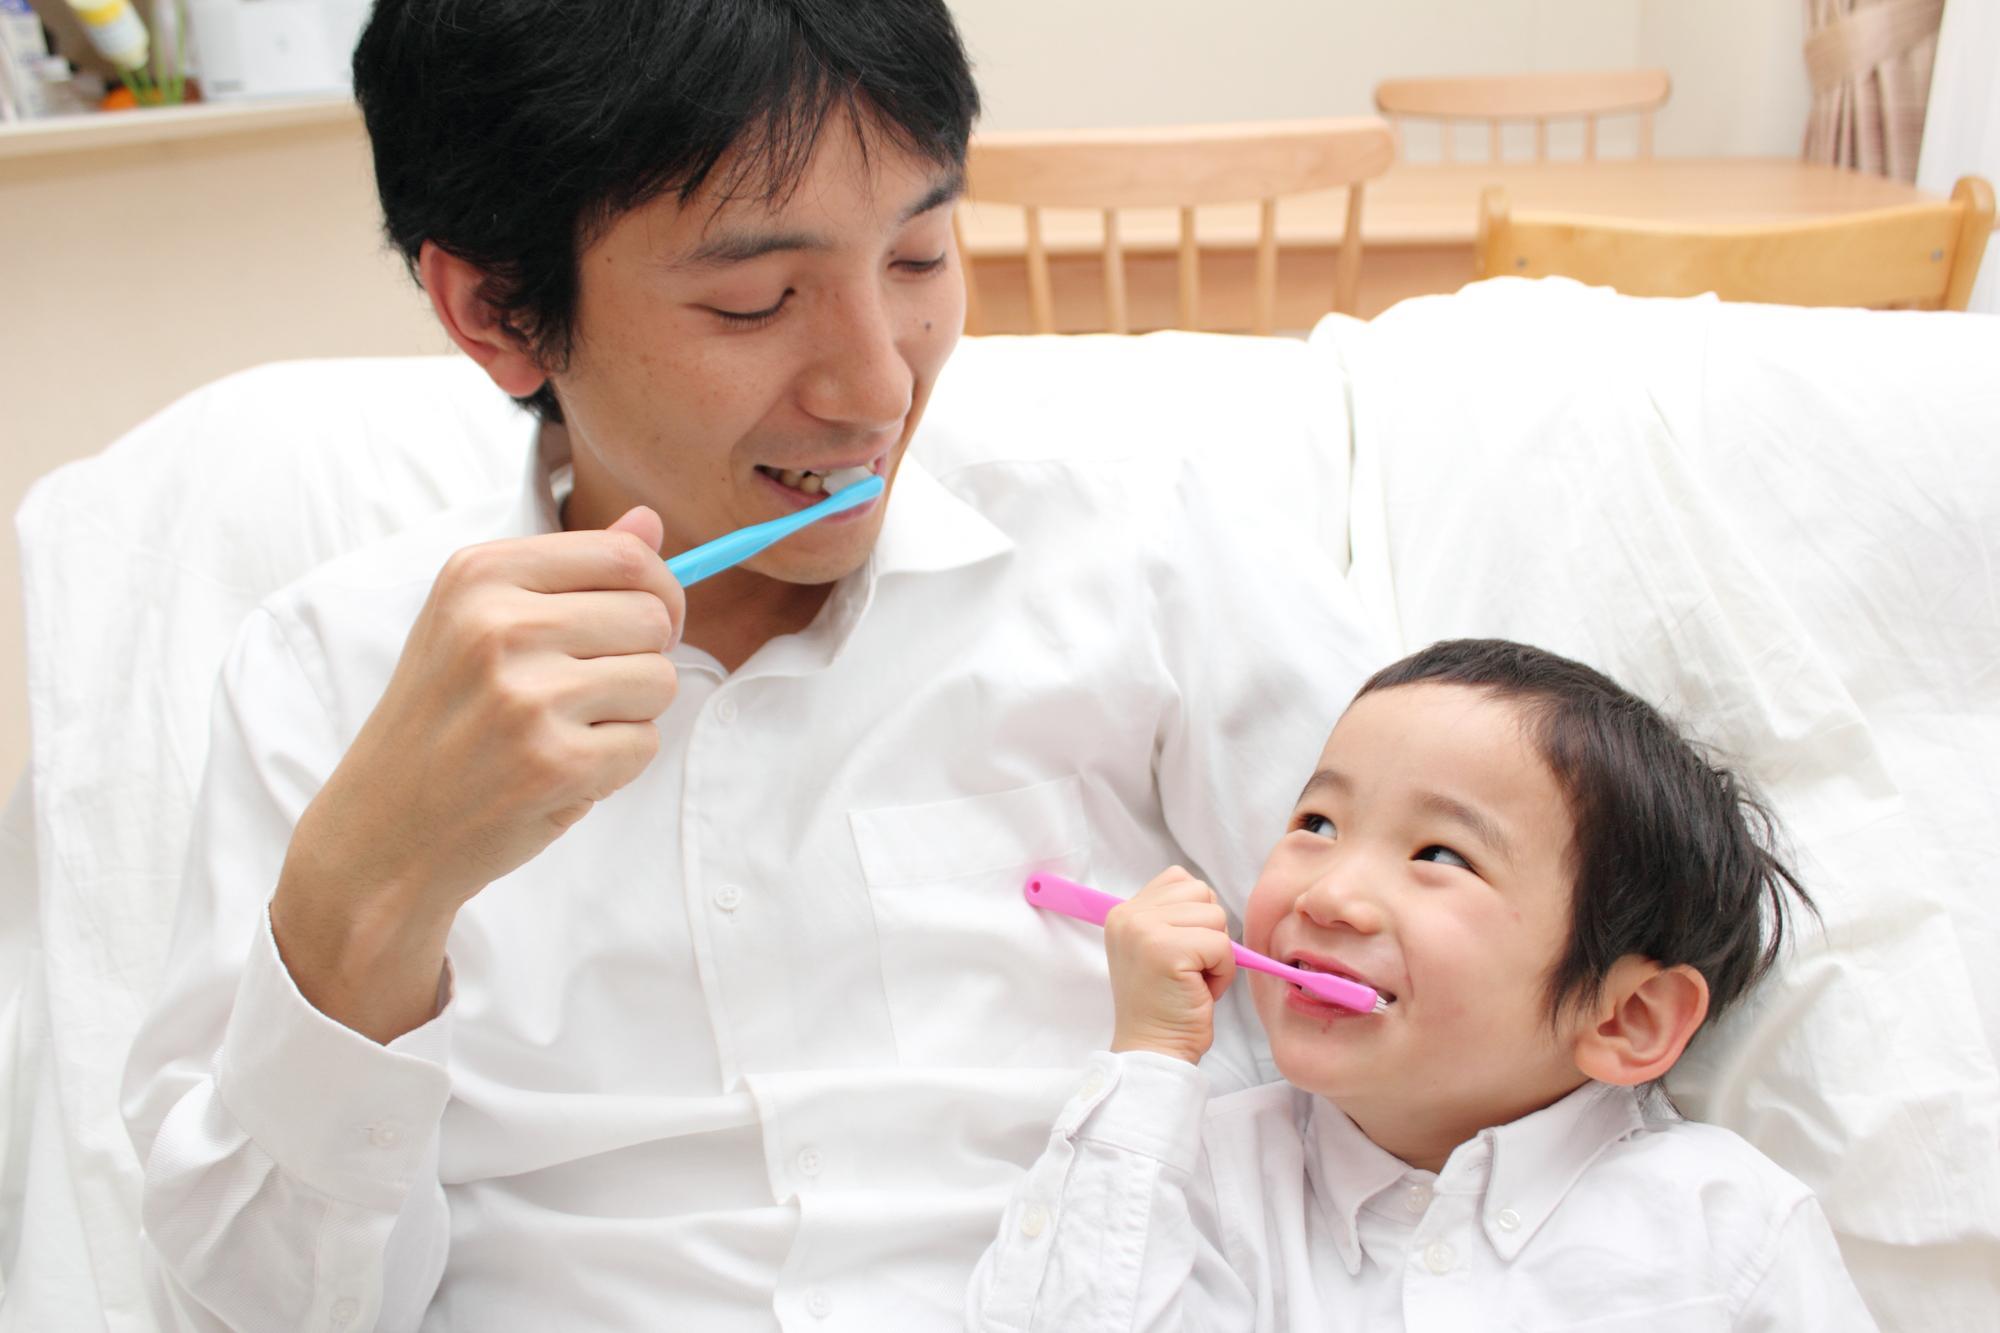 子ども 虫歯 食事